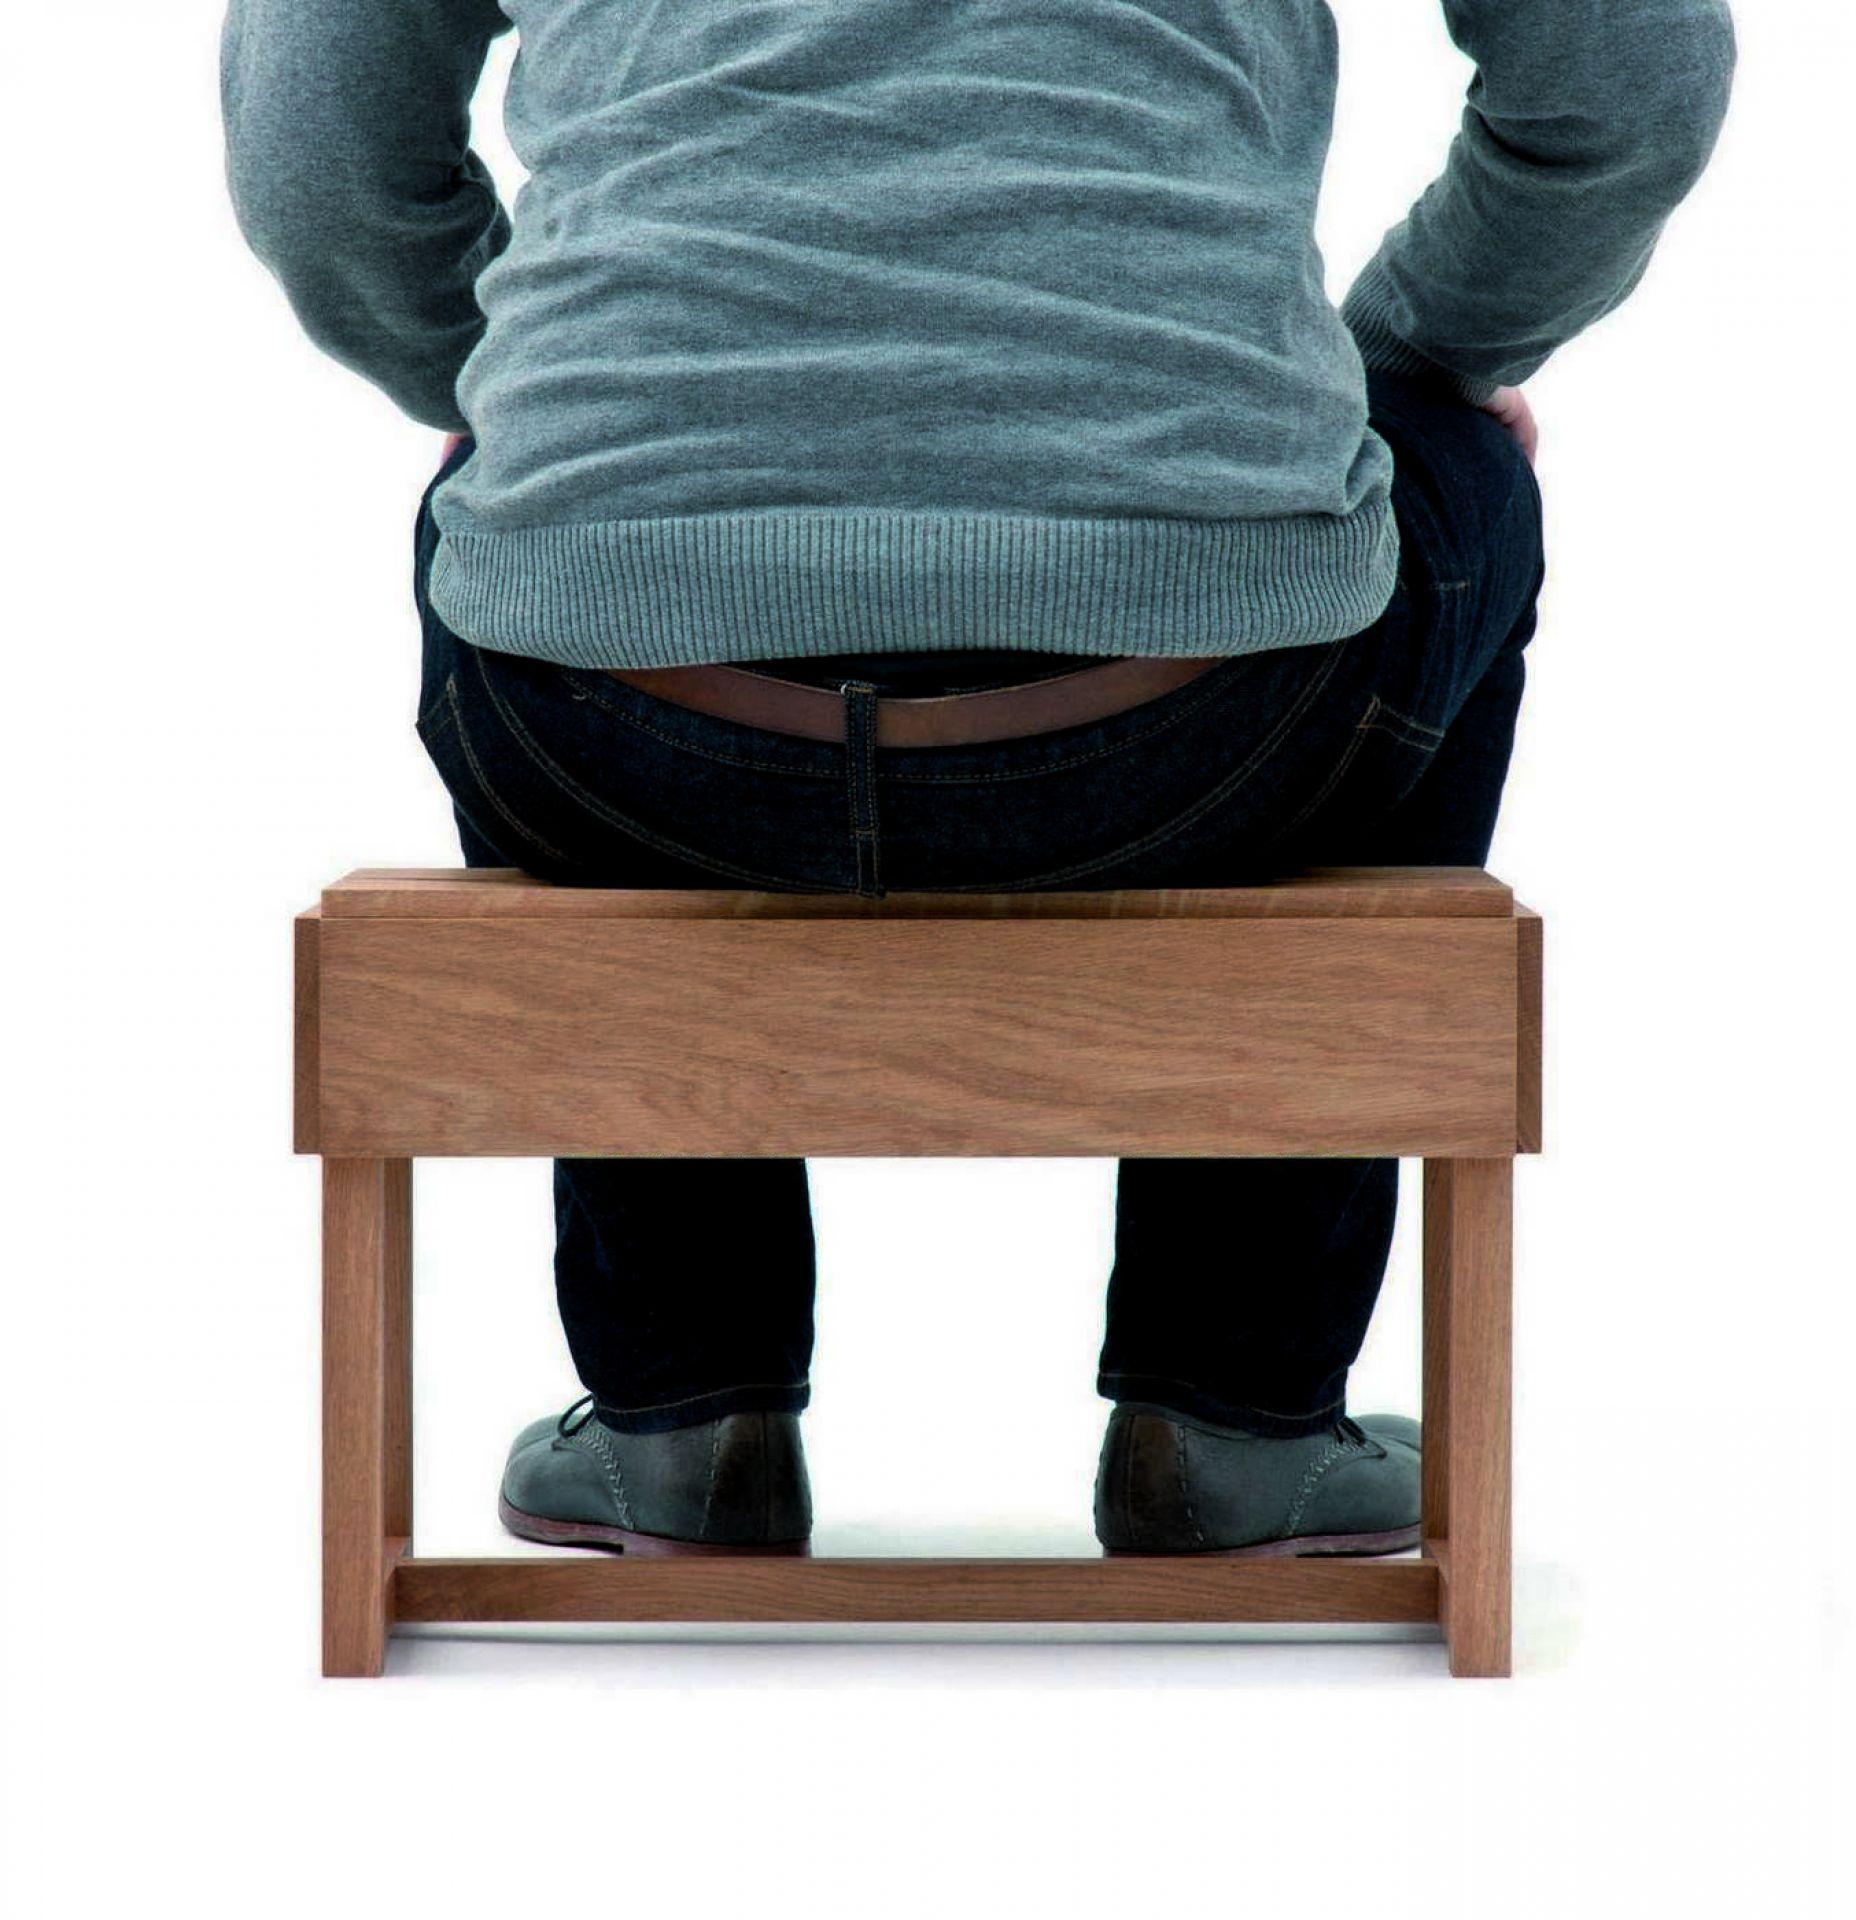 Bänkchen & mehr multifunction stool designimdorf